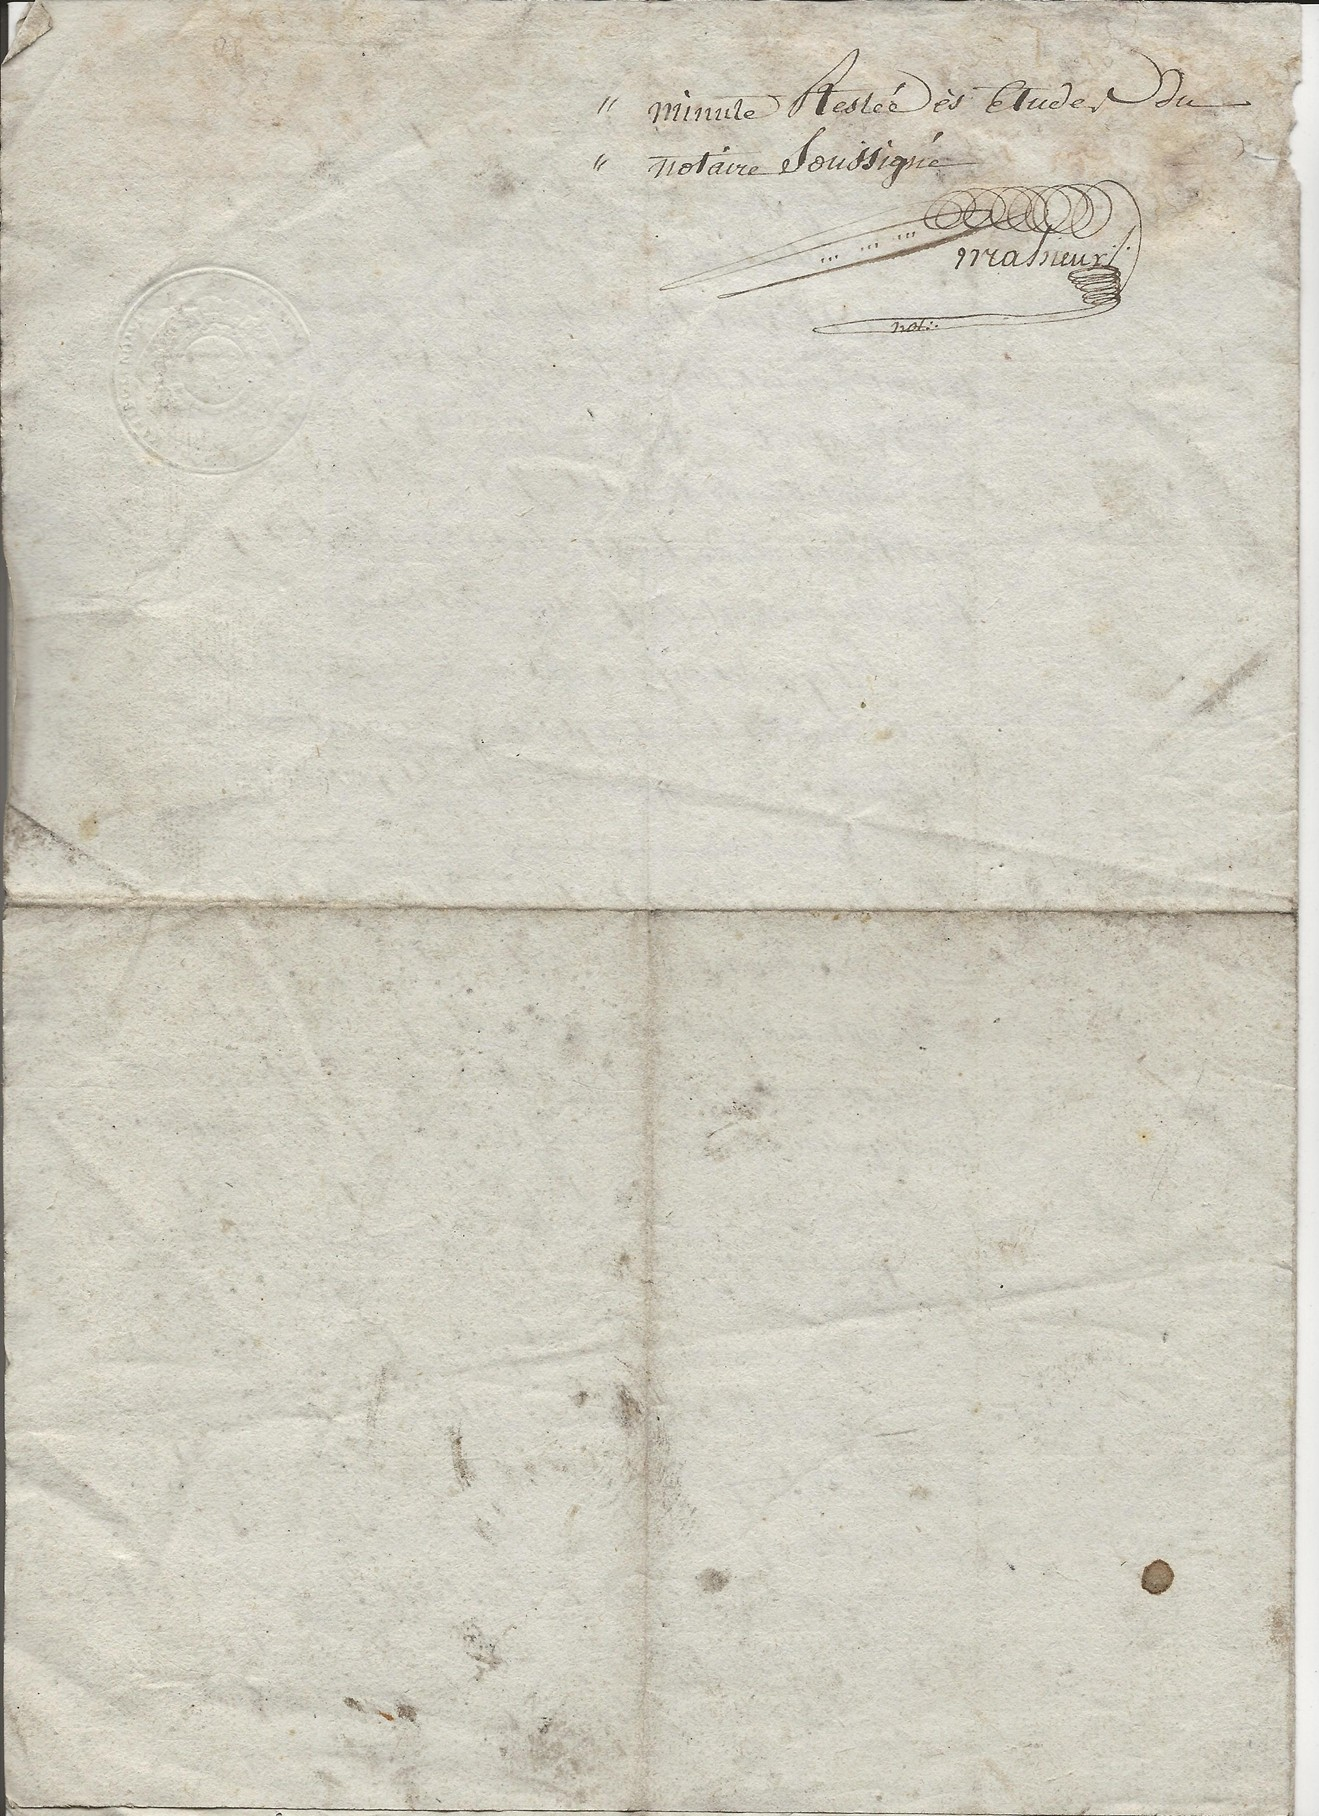 1820 contrat mariage pierre jr pruvot x blutte amelie 004